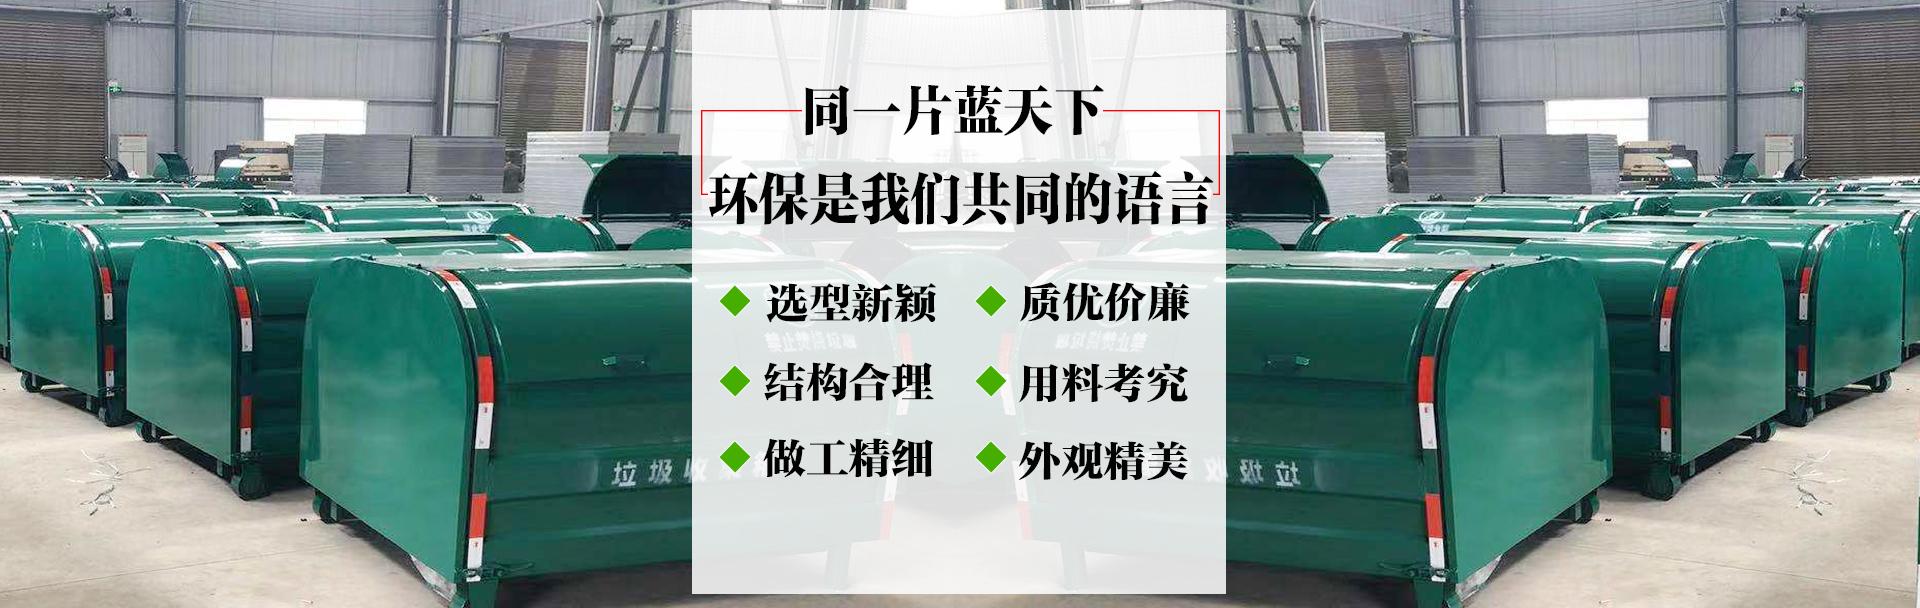 必威体育平台备用网址